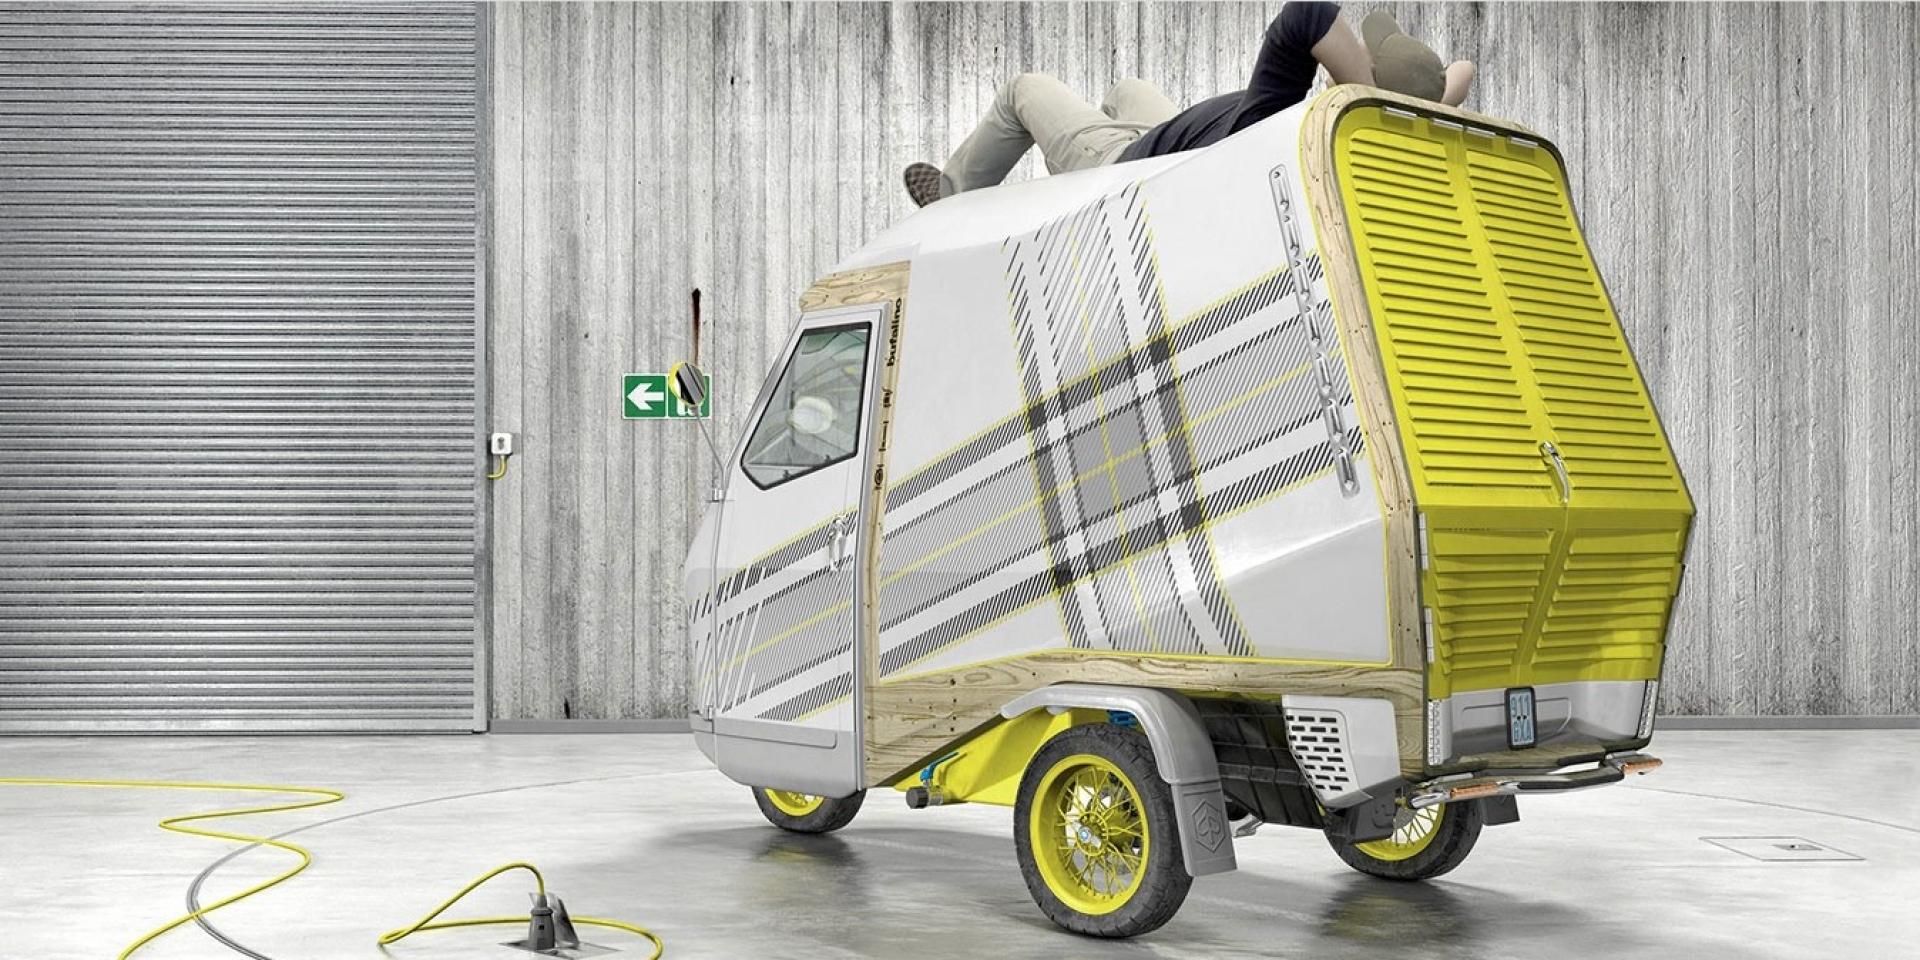 三輪車也能變身露營車!只不過有點寂寞...